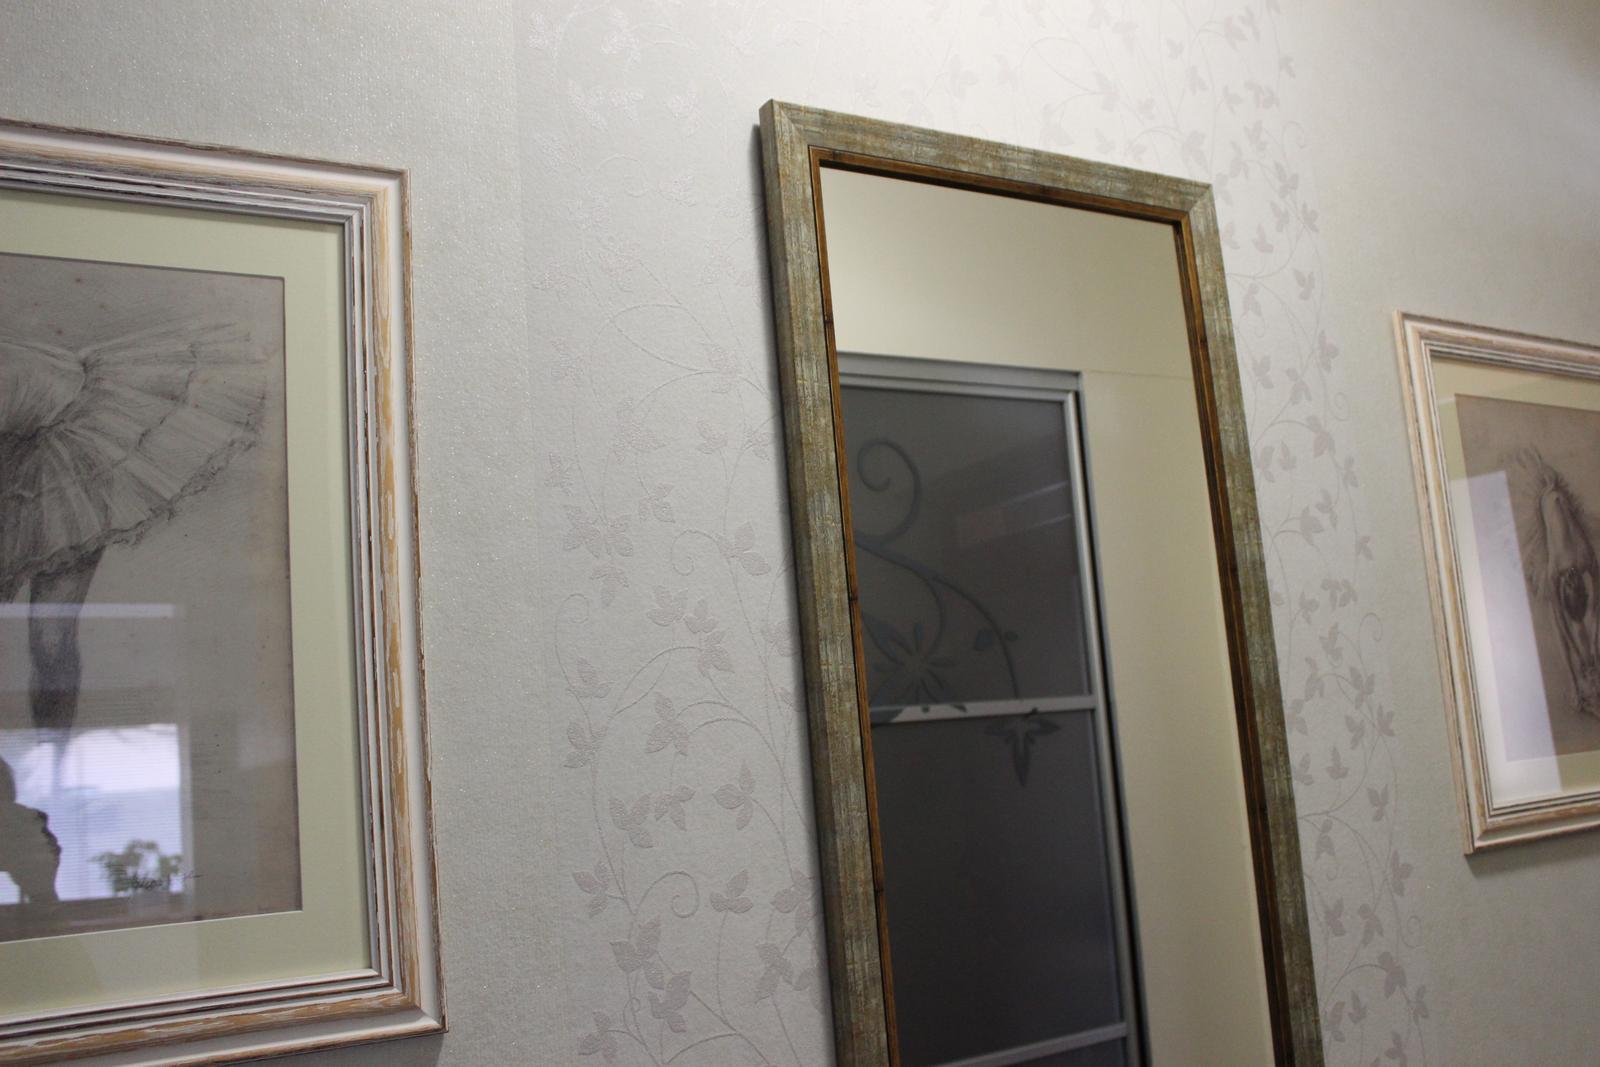 Šedozelenkavá vliesová tapeta, jemný vzor, 14m - Obrázok č. 2